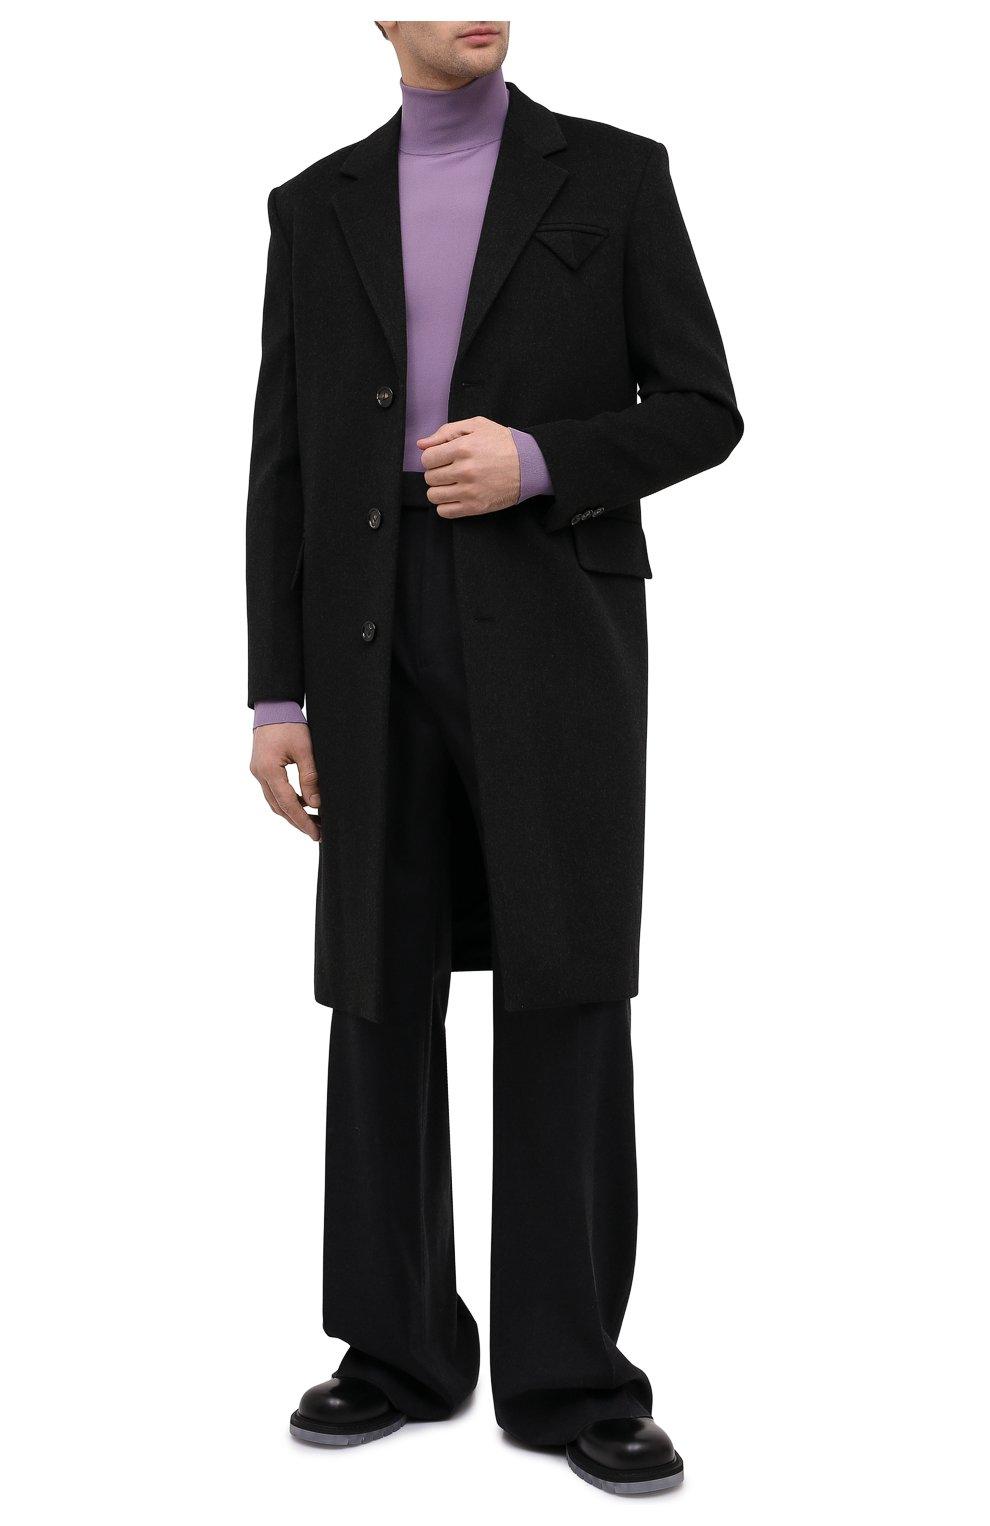 Мужской пальто из шерсти и кашемира BOTTEGA VENETA темно-серого цвета, арт. 650411/VKLU0   Фото 2 (Материал внешний: Шерсть; Рукава: Длинные; Длина (верхняя одежда): До колена; Материал подклада: Вискоза; Мужское Кросс-КТ: пальто-верхняя одежда; Стили: Минимализм)